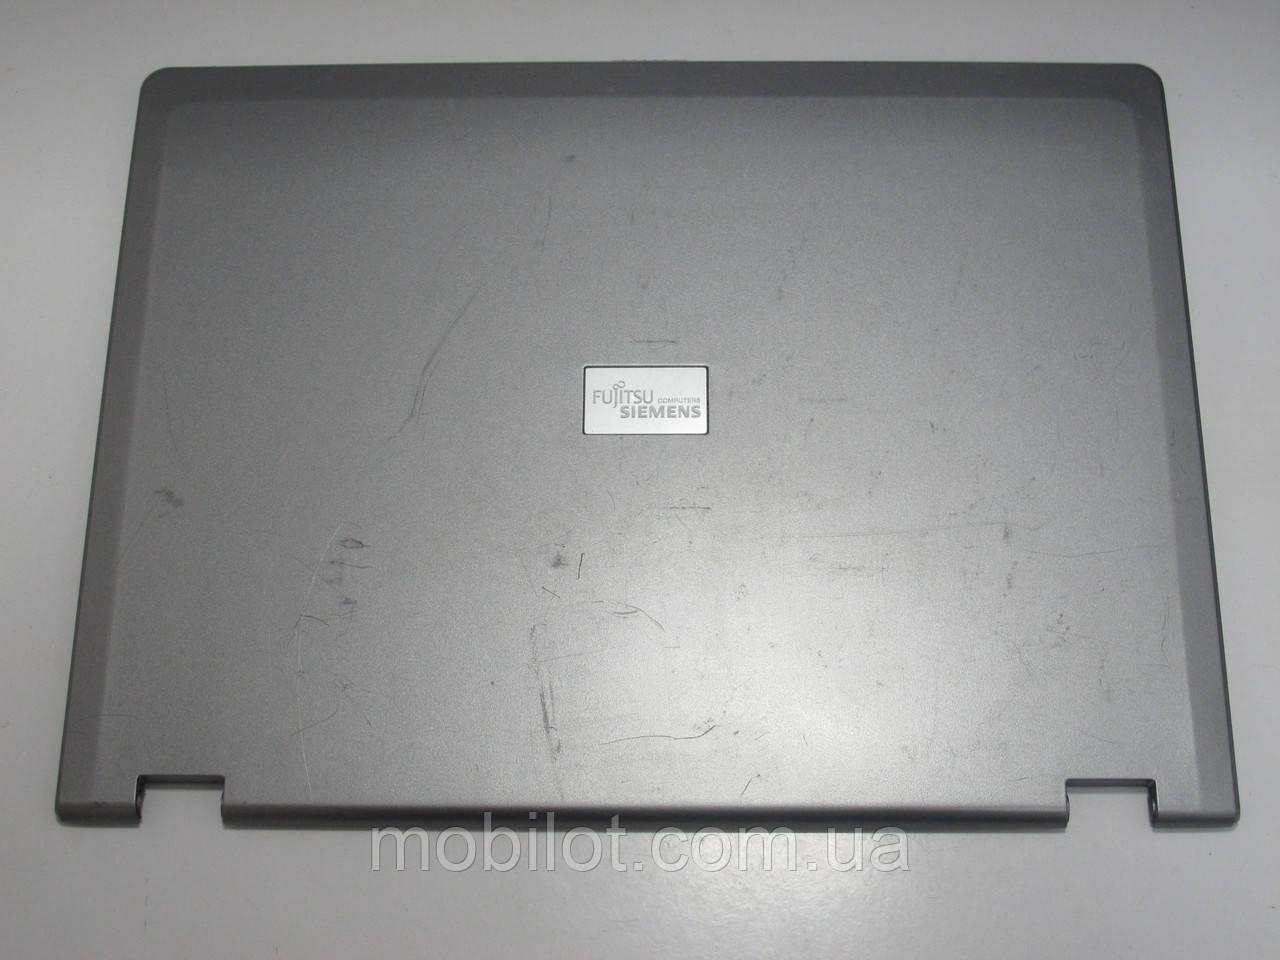 Часть корпуса (Крышка матрицы) Fujitsu Siemens Amilo D-1840W (NZ-5066)